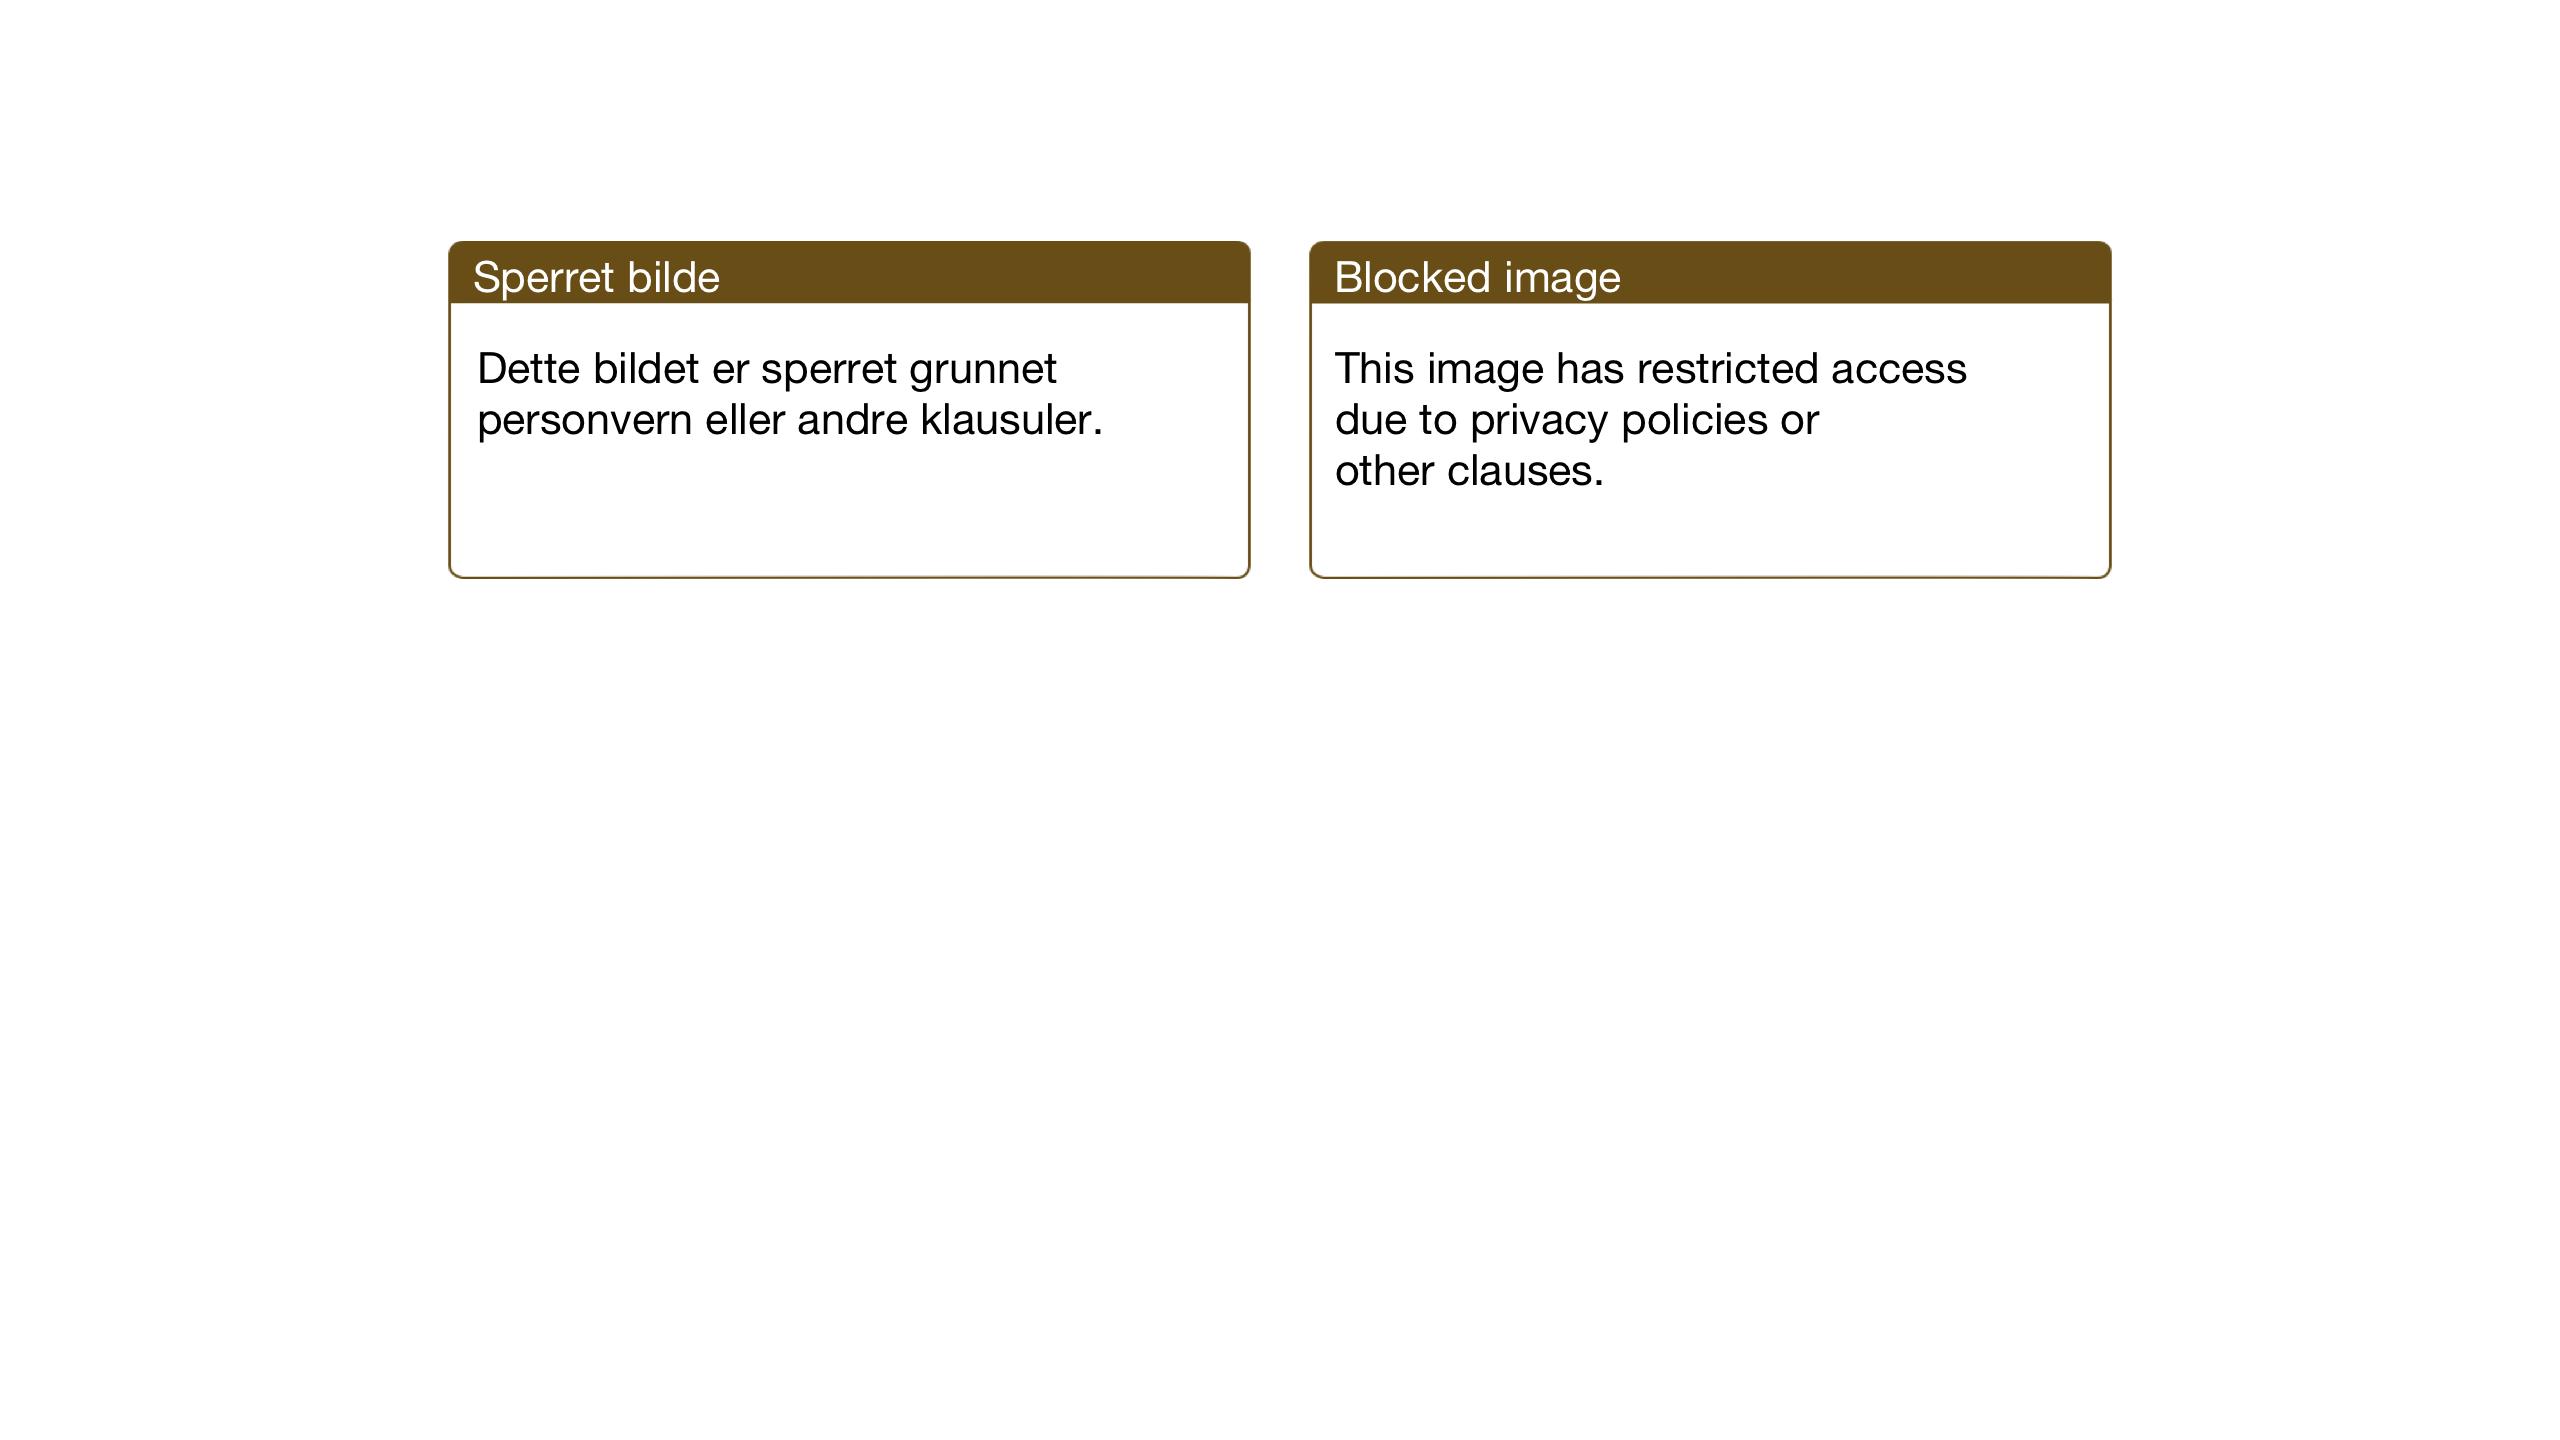 SAT, Ministerialprotokoller, klokkerbøker og fødselsregistre - Sør-Trøndelag, 655/L0690: Klokkerbok nr. 655C06, 1937-1950, s. 60